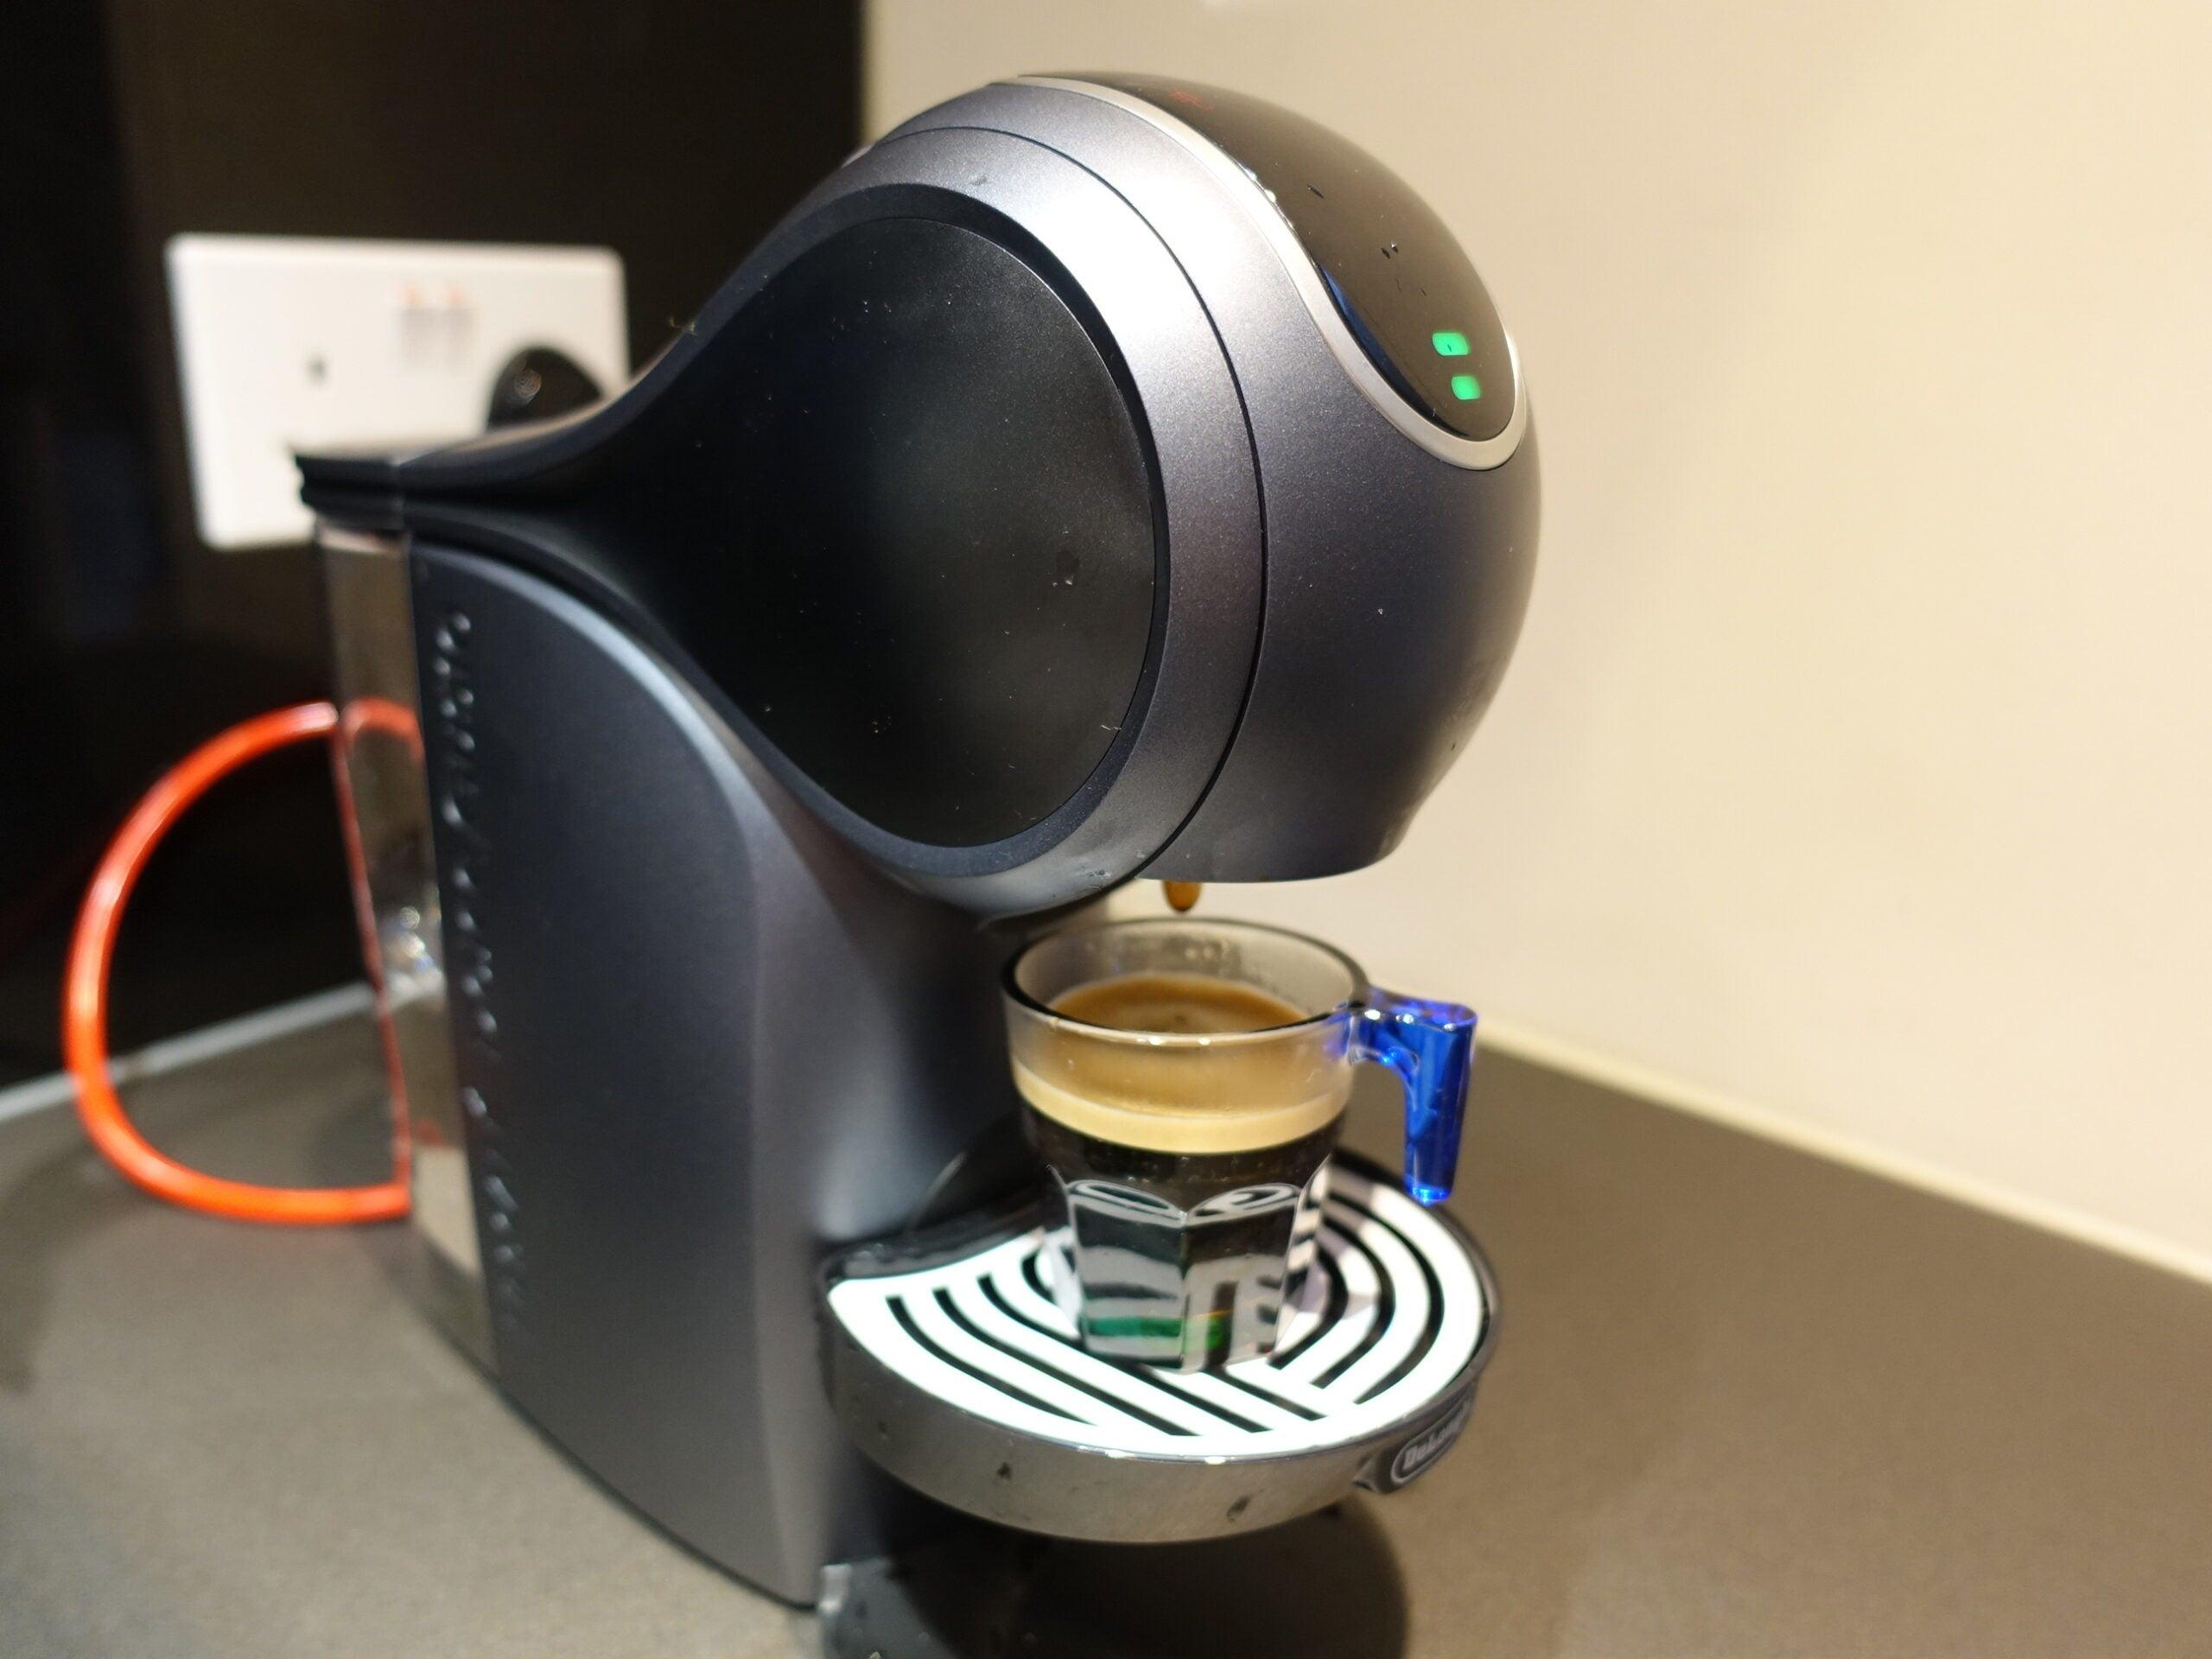 De'Longhi Nescafé Dolce Gusto Genio S Touch espresso